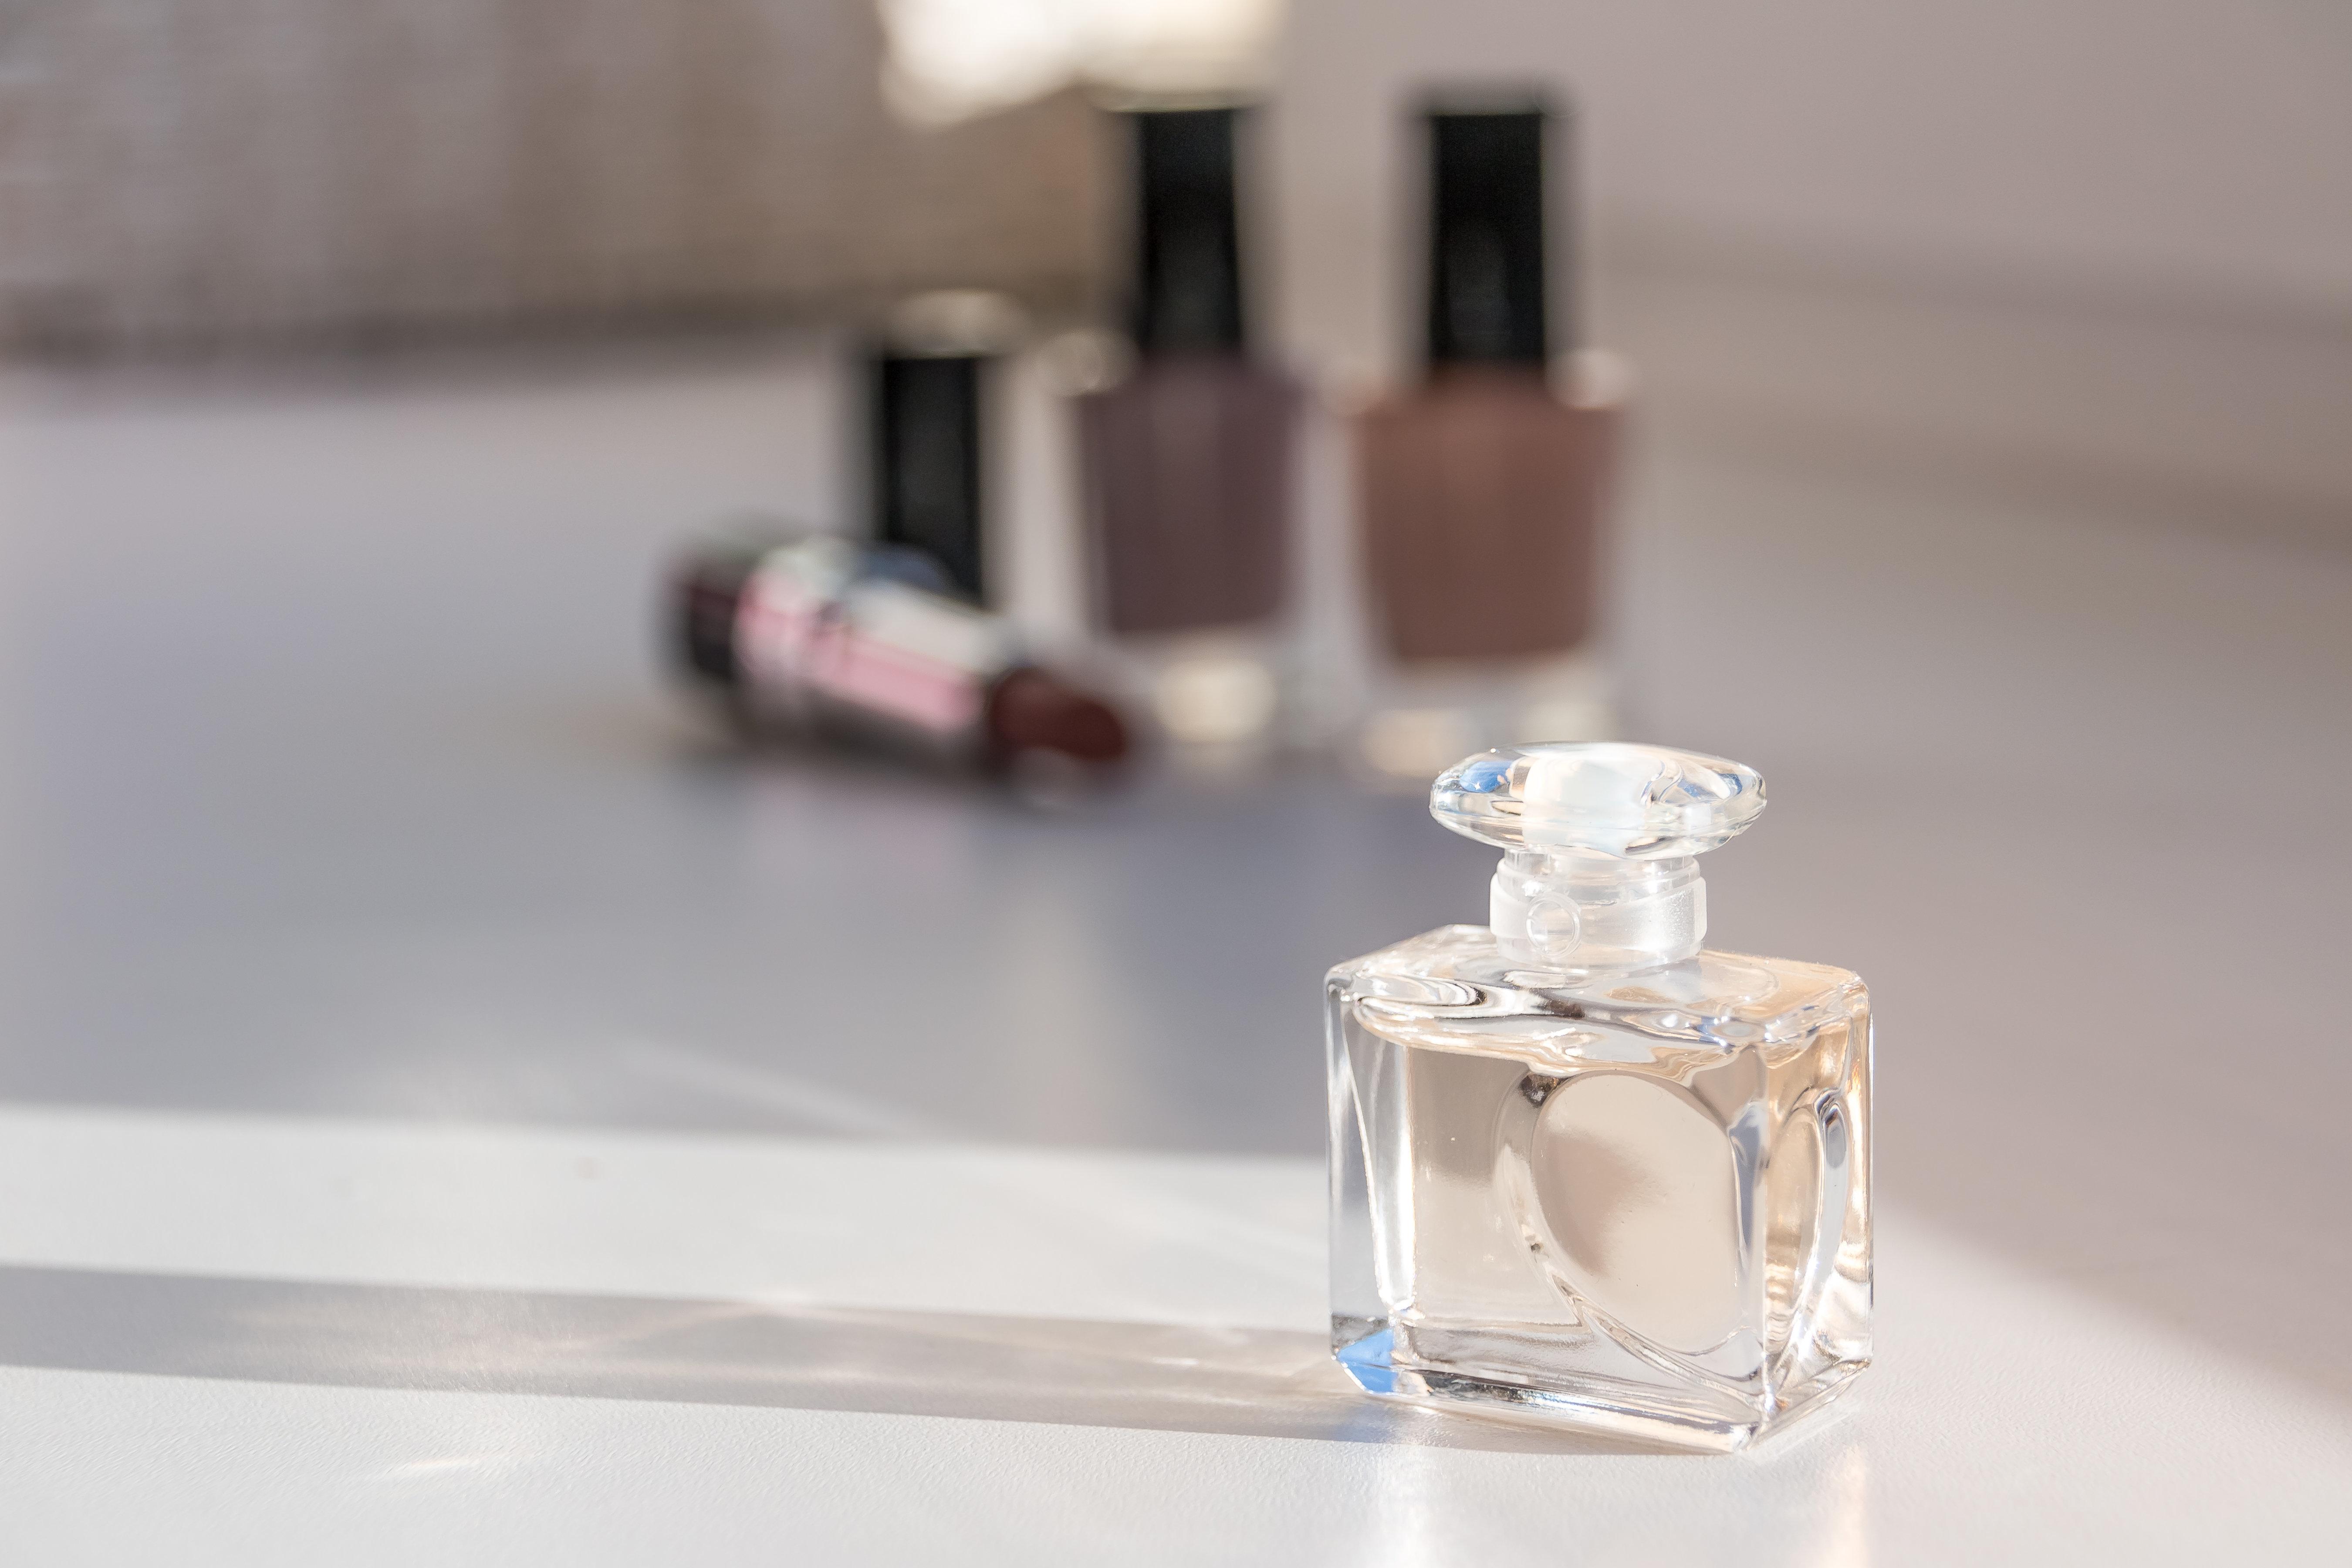 Η τραγική ιστορία πίσω από το χαρακτηριστικό σχήμα στο μπουκαλάκι του αρώματος «N°5» της Chanel